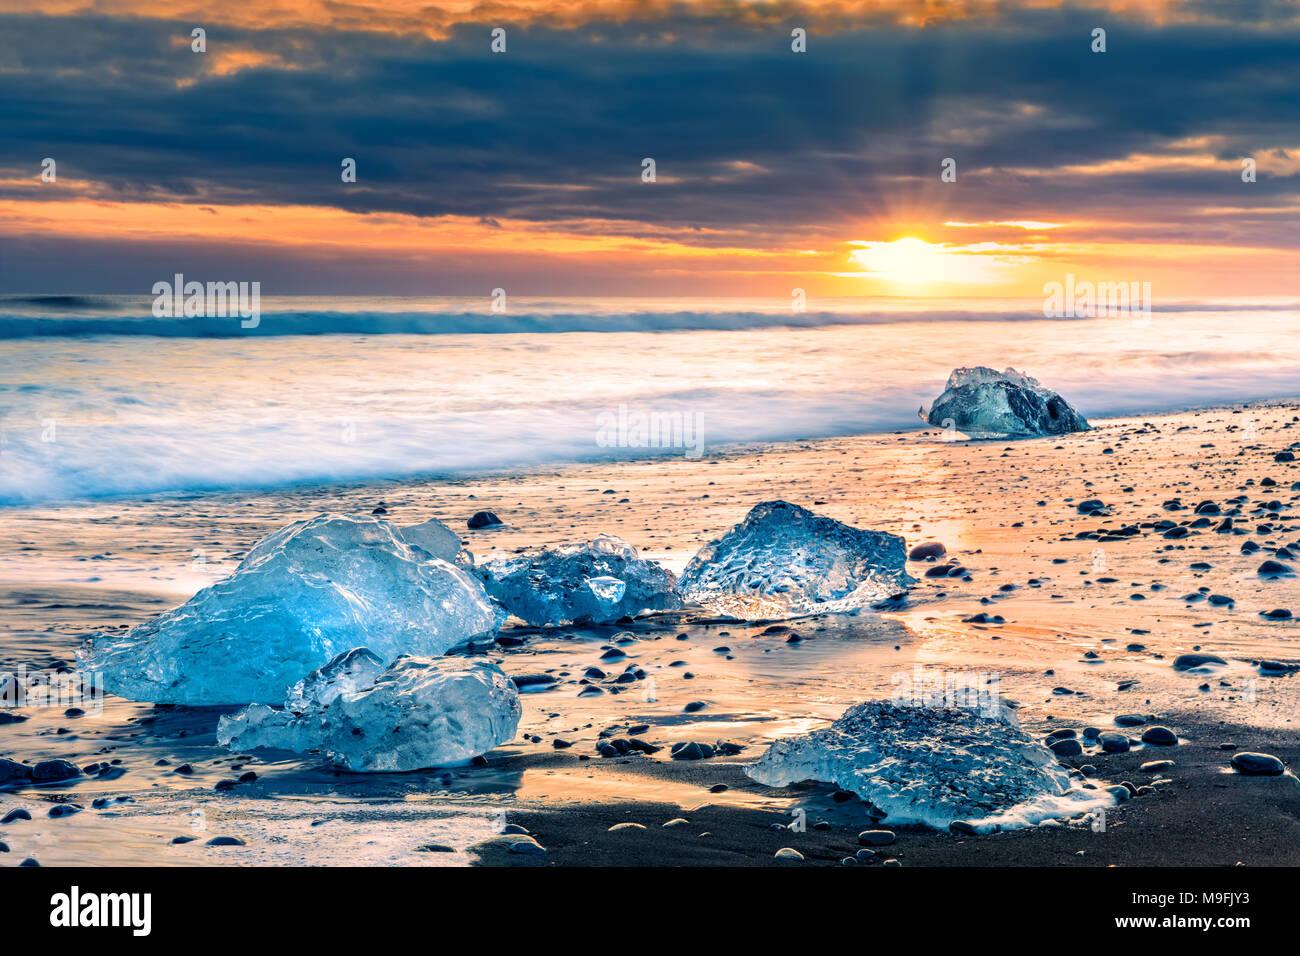 Los bloques de hielo a la deriva sobre Diamond beach, al atardecer, en Jokulsarlon, Islandia Imagen De Stock